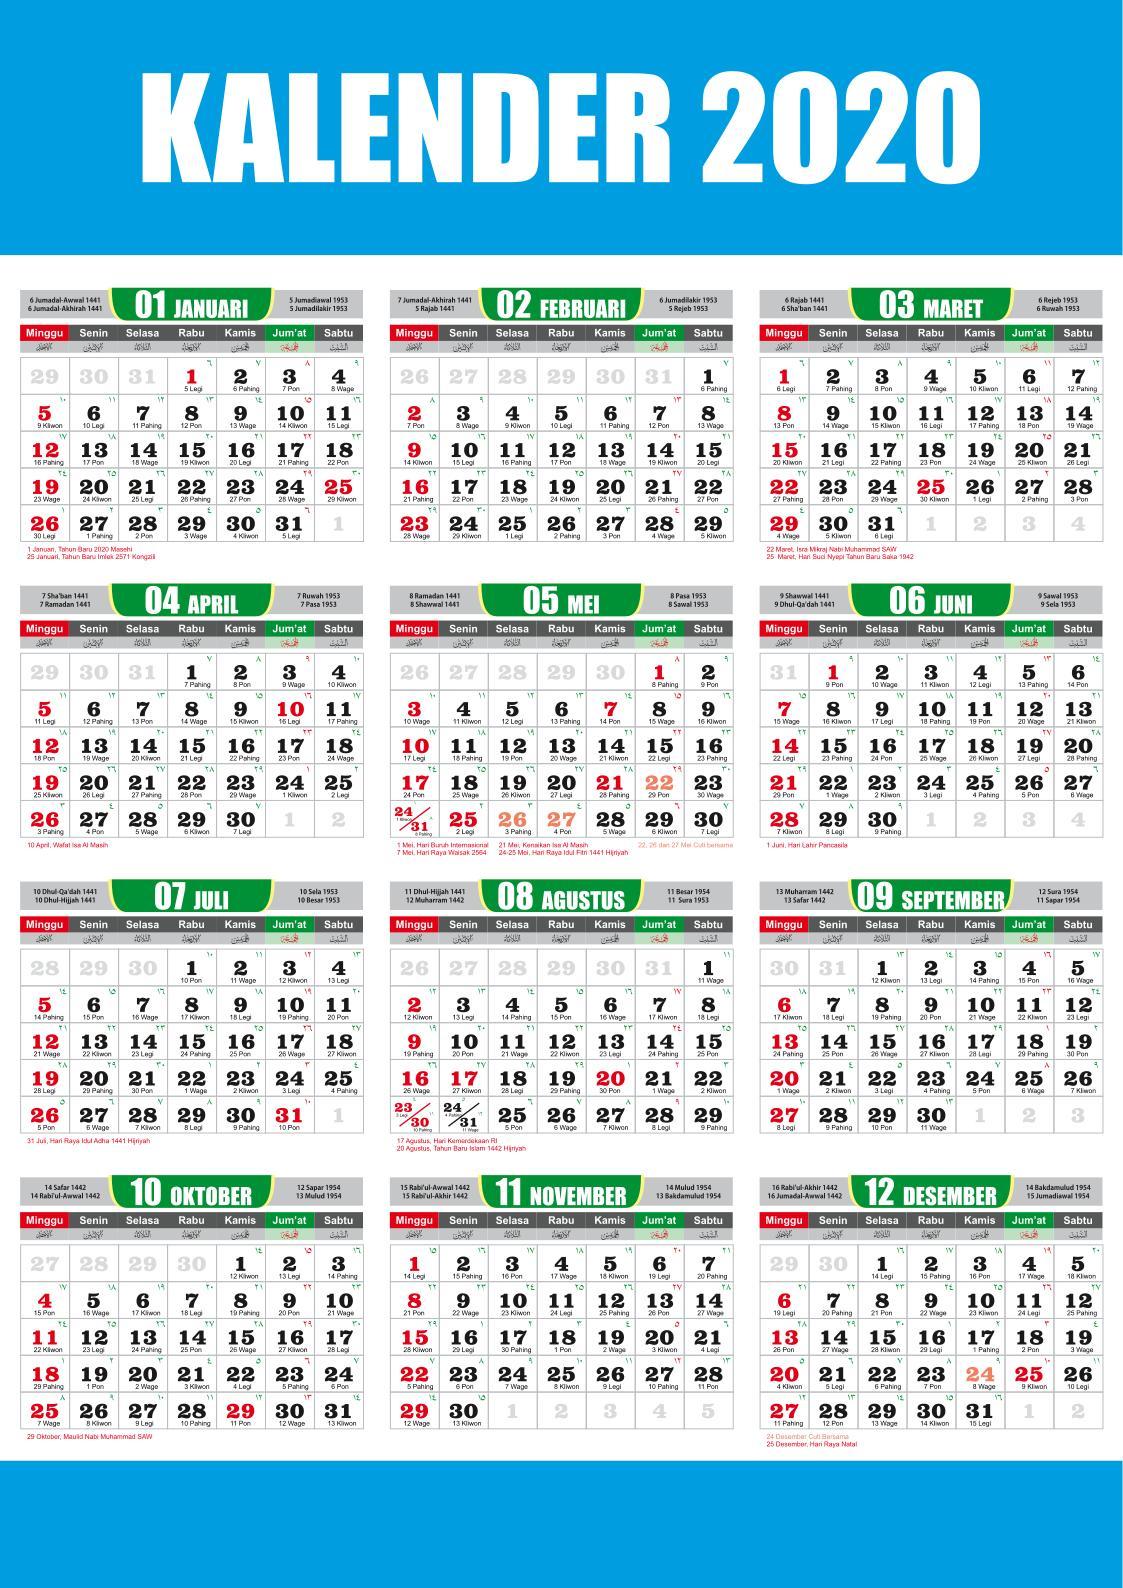 Download kalender cdr masehi hijriyah jawa Lengkap 2020 ...